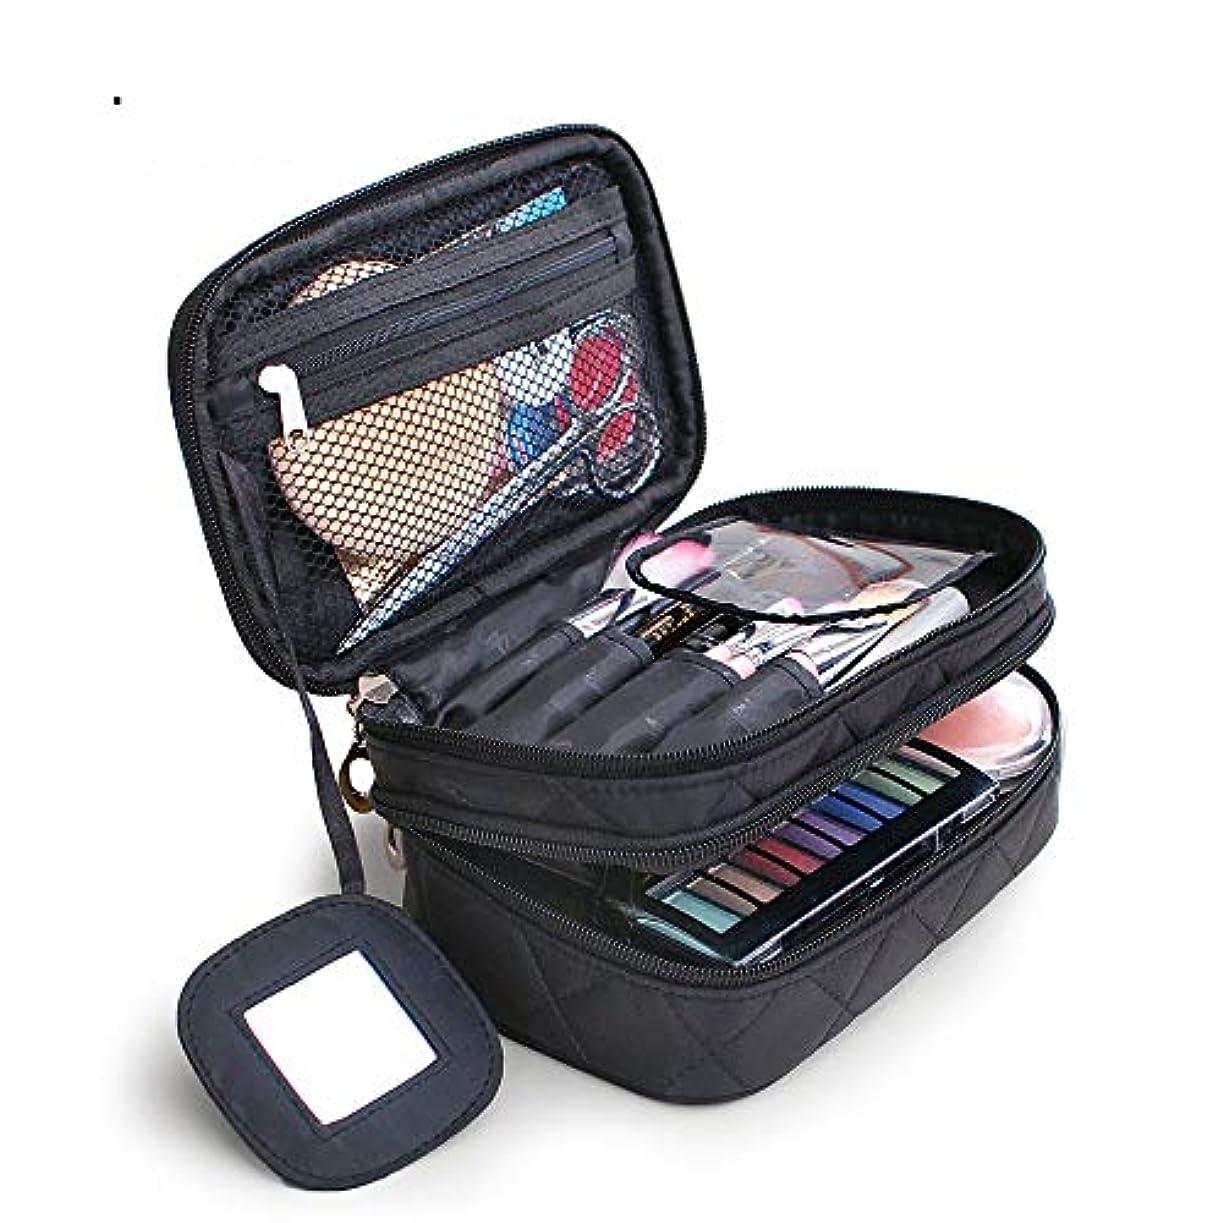 意味するブランド展開する特大スペース収納ビューティーボックス 旅行化粧化粧ケース、ポータブルブラシケース化粧品バッグ旅行セット収納袋化粧品バッグ、黒クラシック 化粧品化粧台